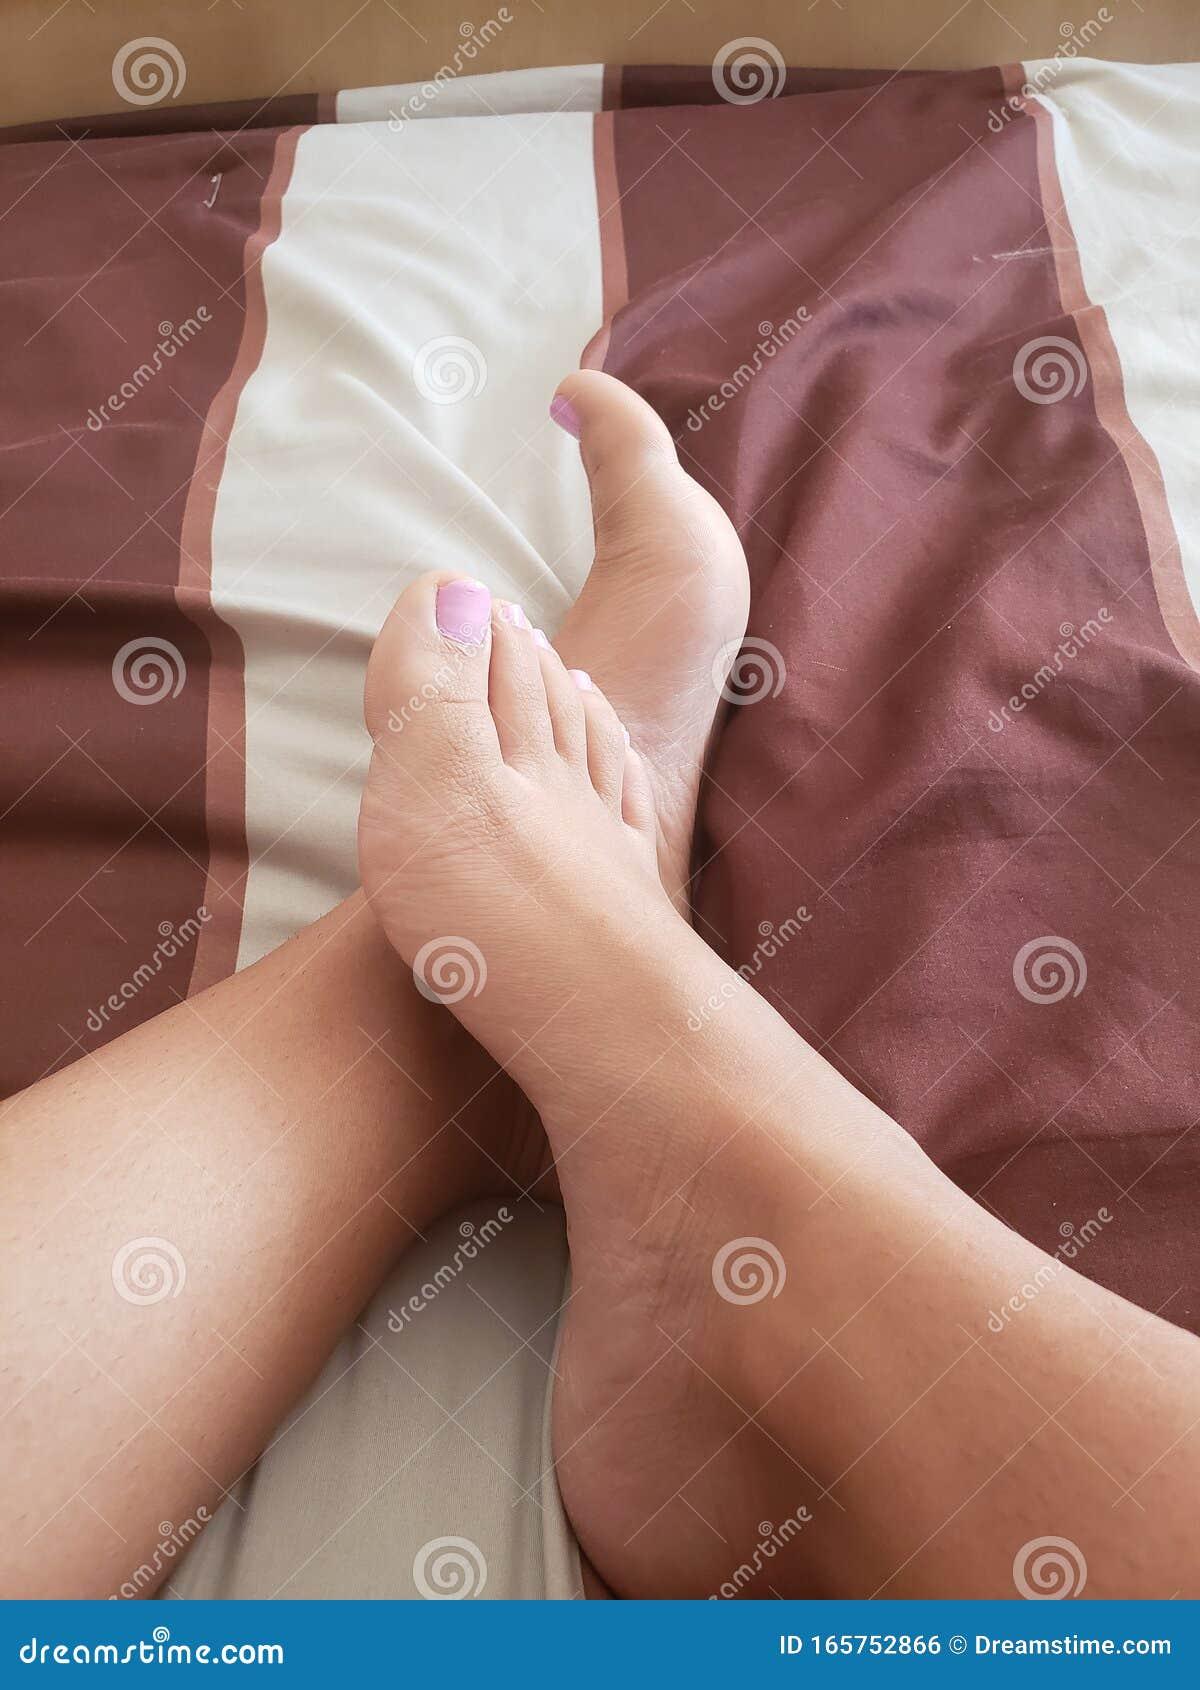 Foot porn thumbs